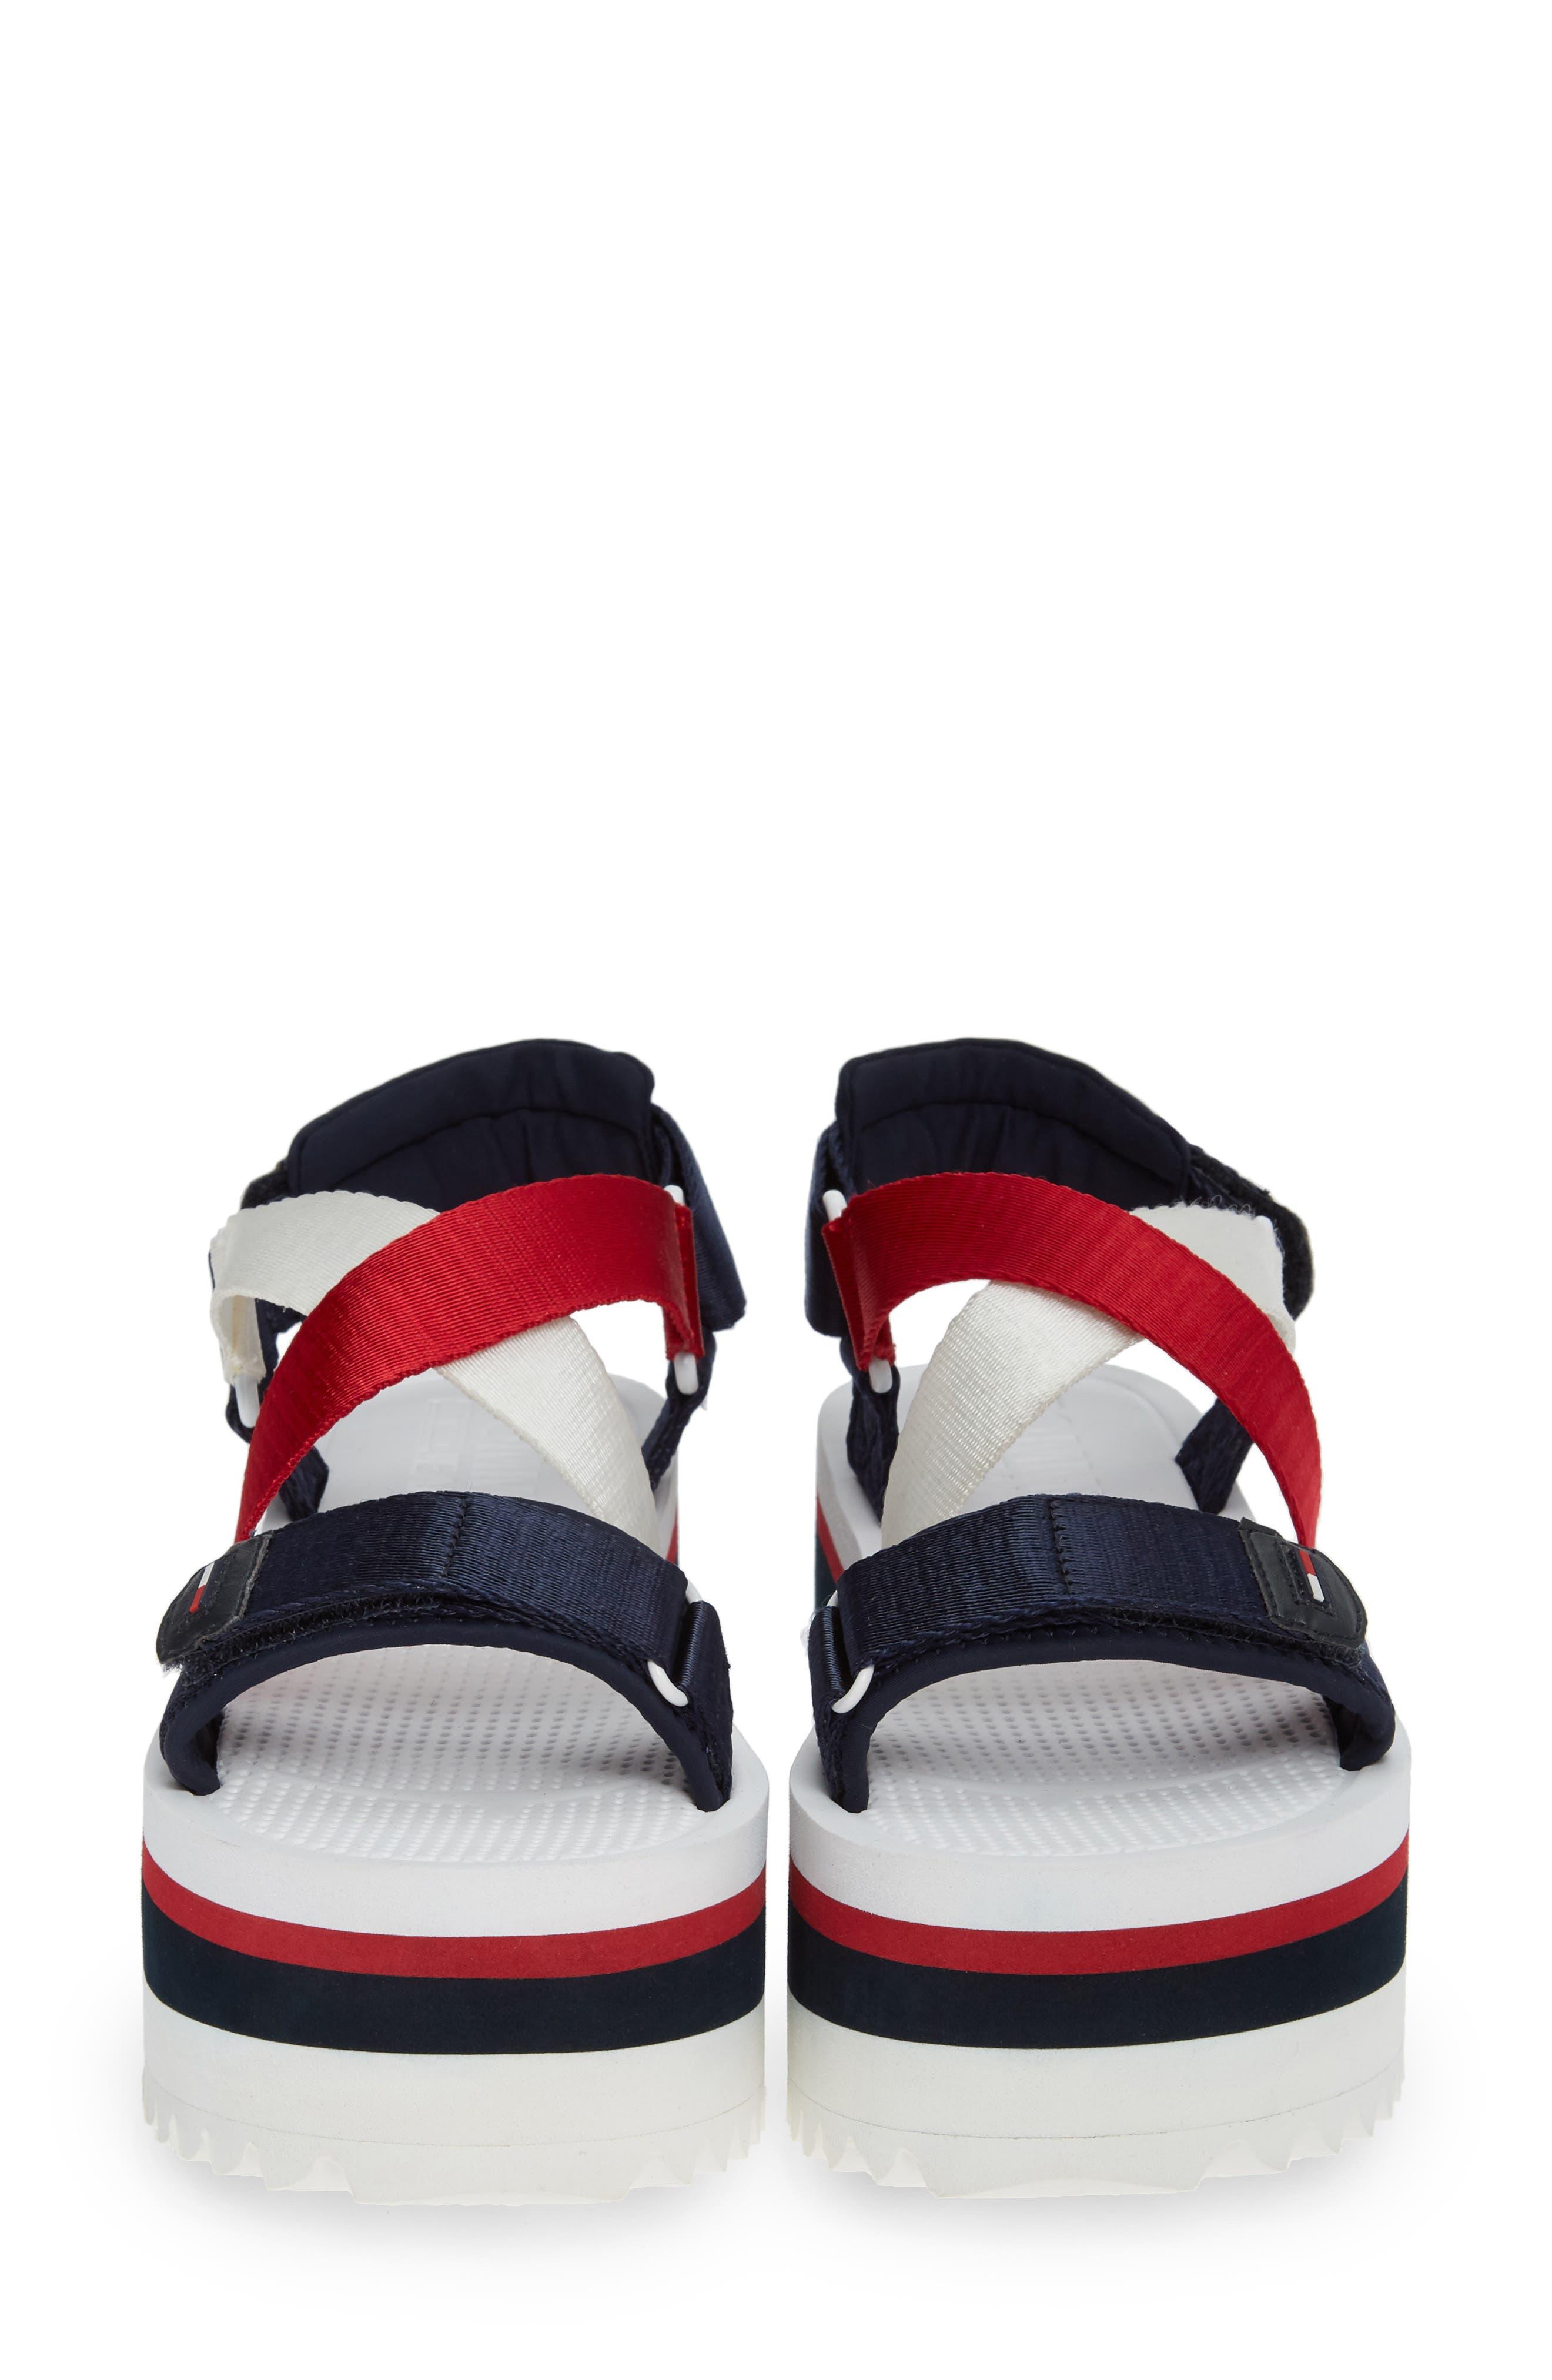 Tommy Jeans Collette Platform Sandal